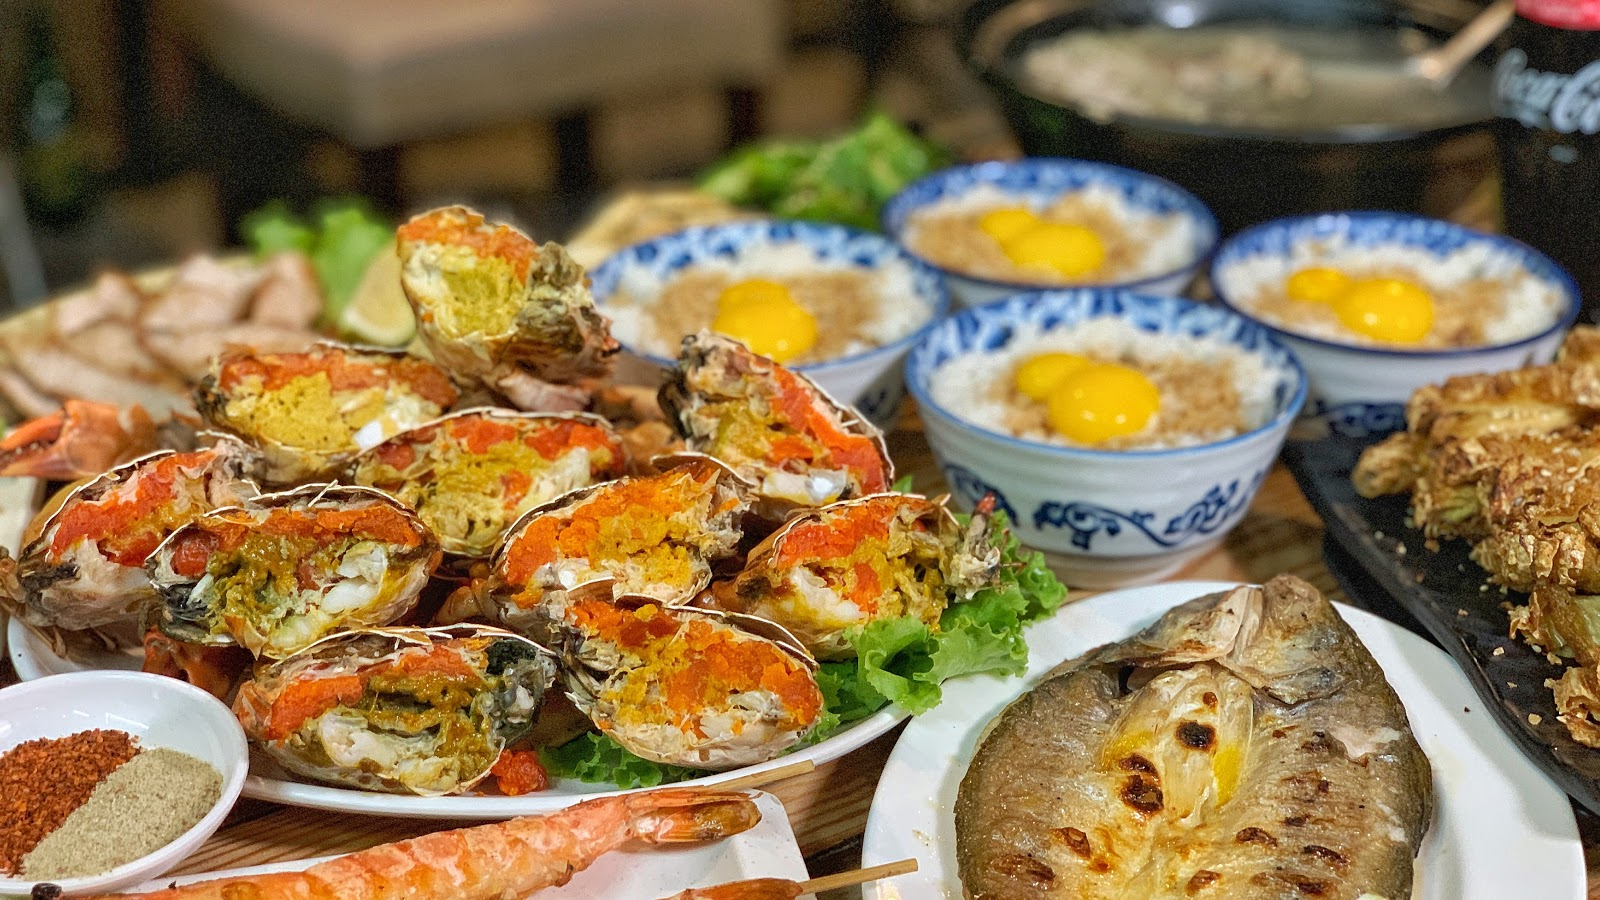 台南東區美食【府城騷烤家】台南最狂宵夜燒烤推薦,來台南都吃這家!